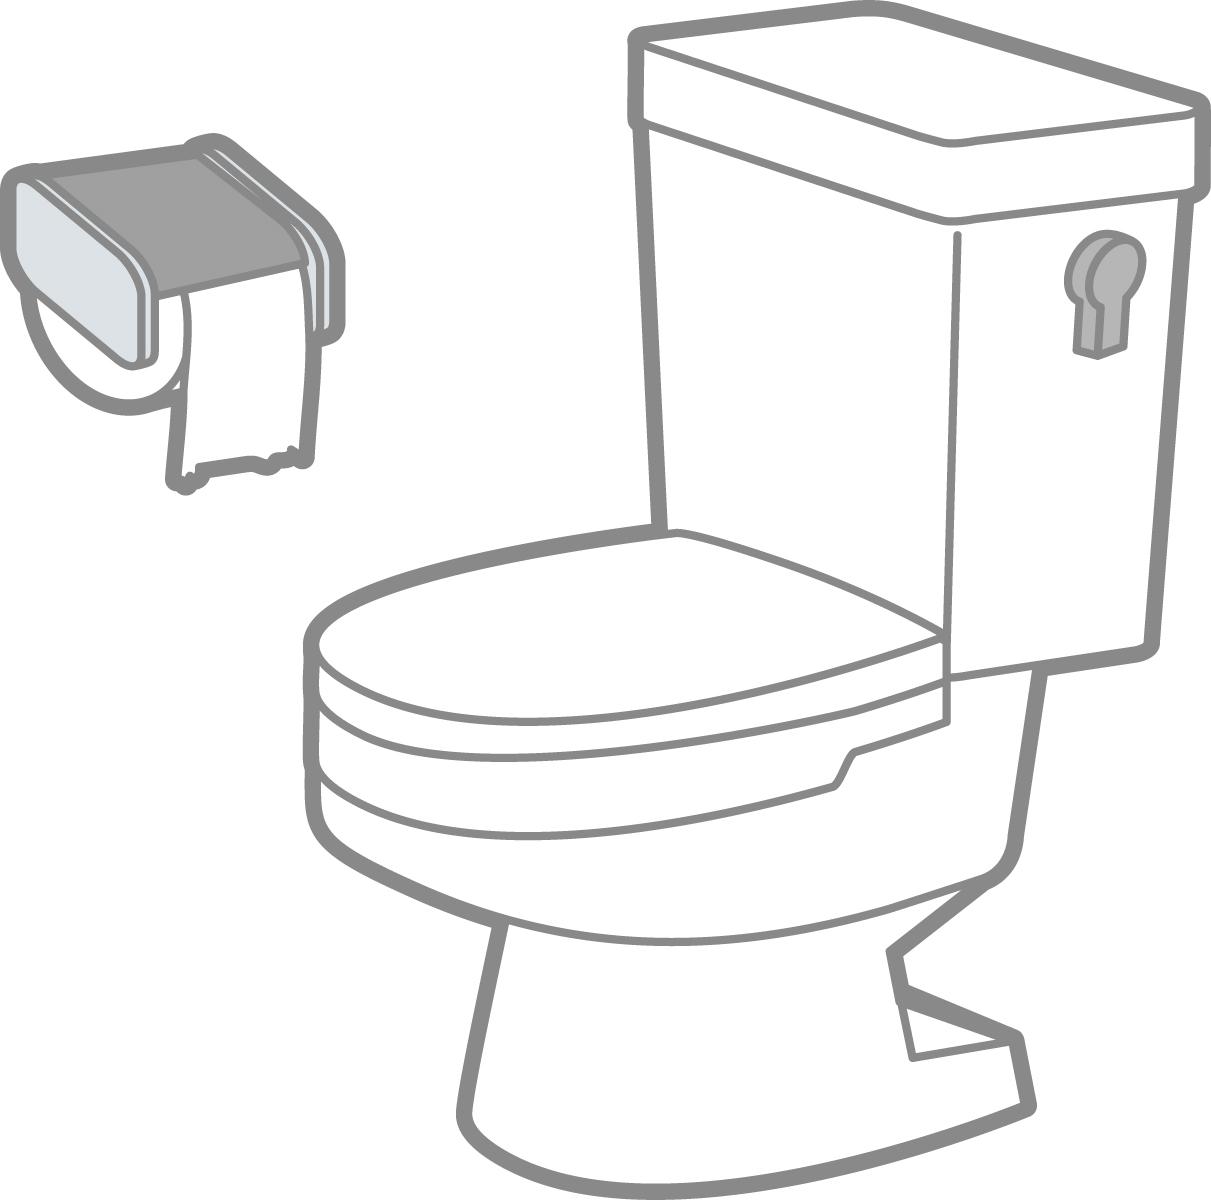 認知症の見当識障害のためトイレの場所が分からない人への対応